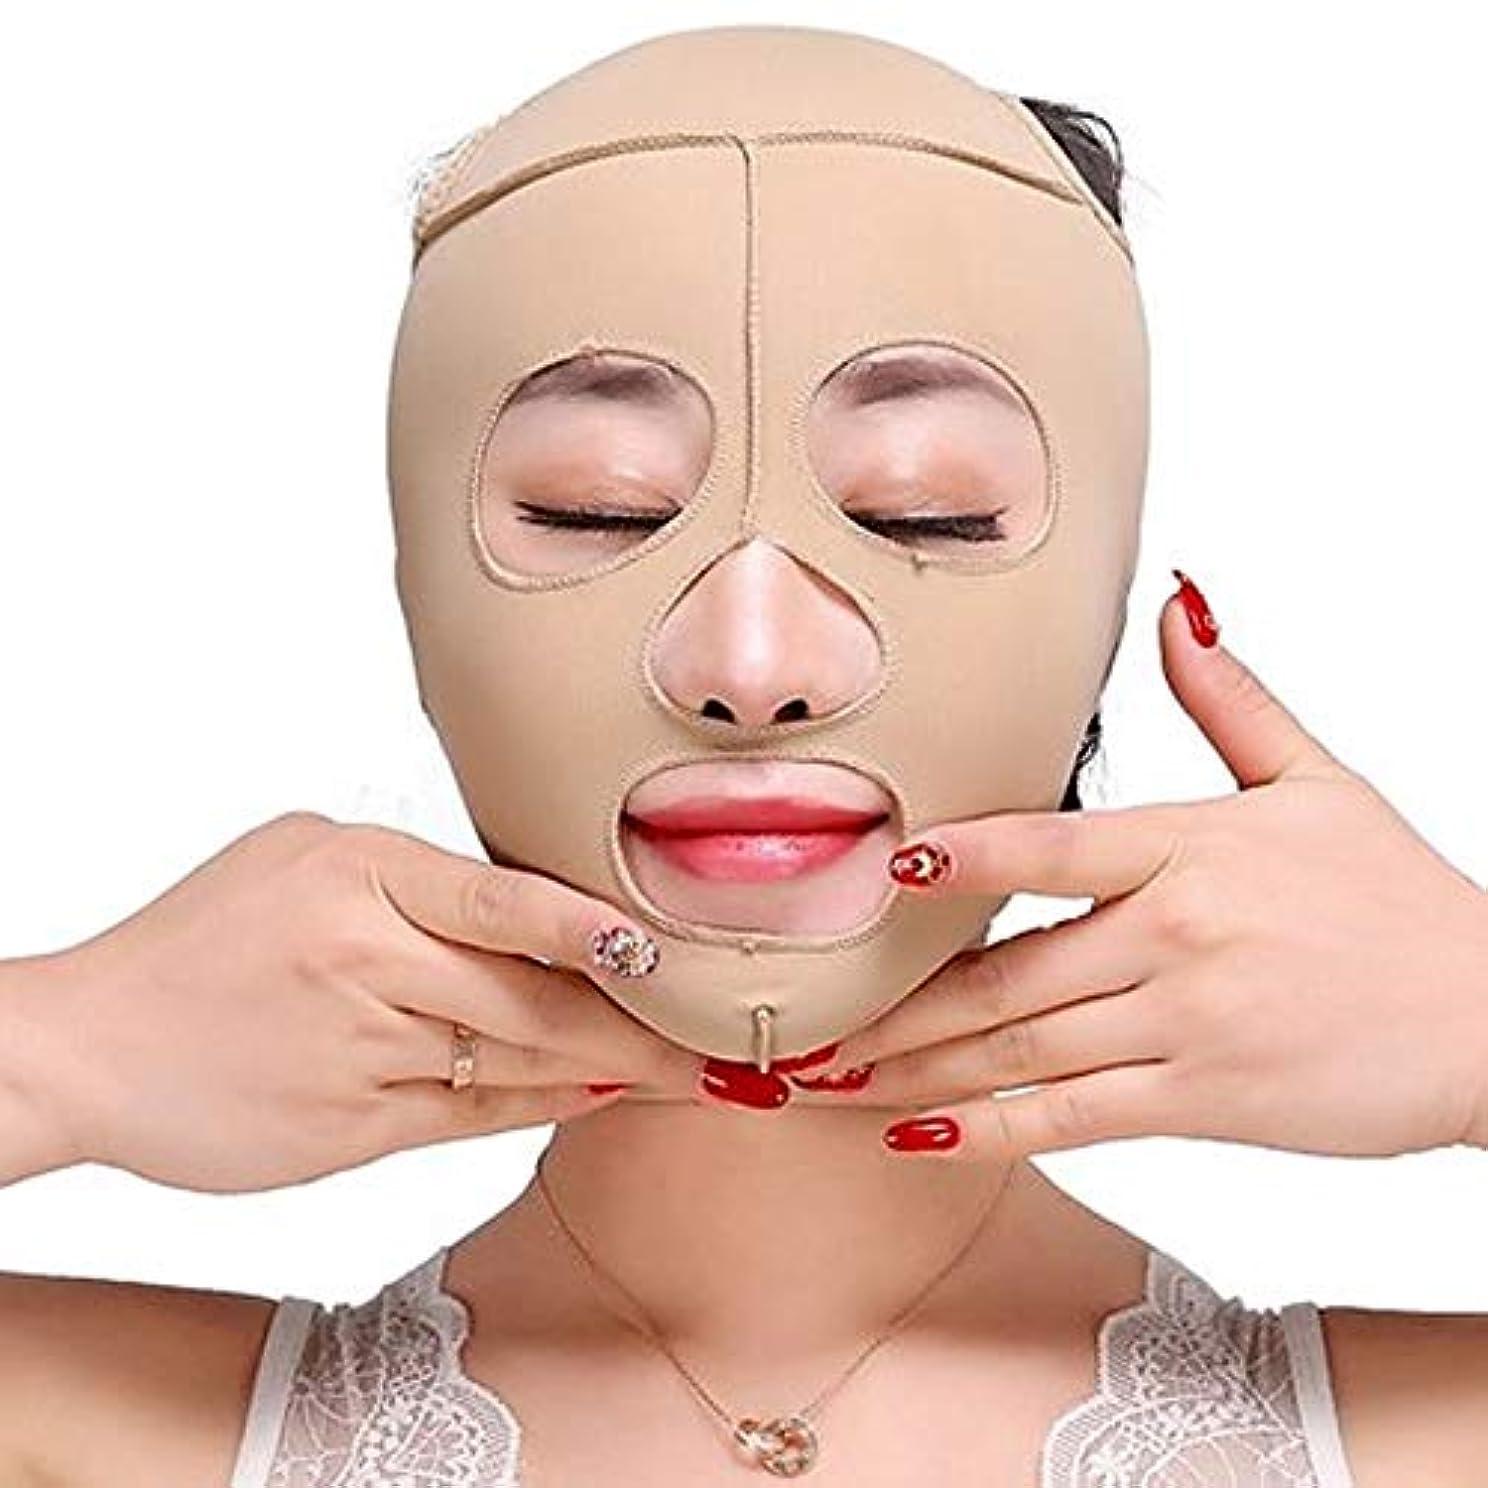 割る嫌がる差し引くMinmin フェイスリフティングアーティファクト睡眠薄い顔顔の顔薄い顔V顔マスク二重あご薄い顔包帯肌色 みんみんVラインフェイスマスク (Size : S)